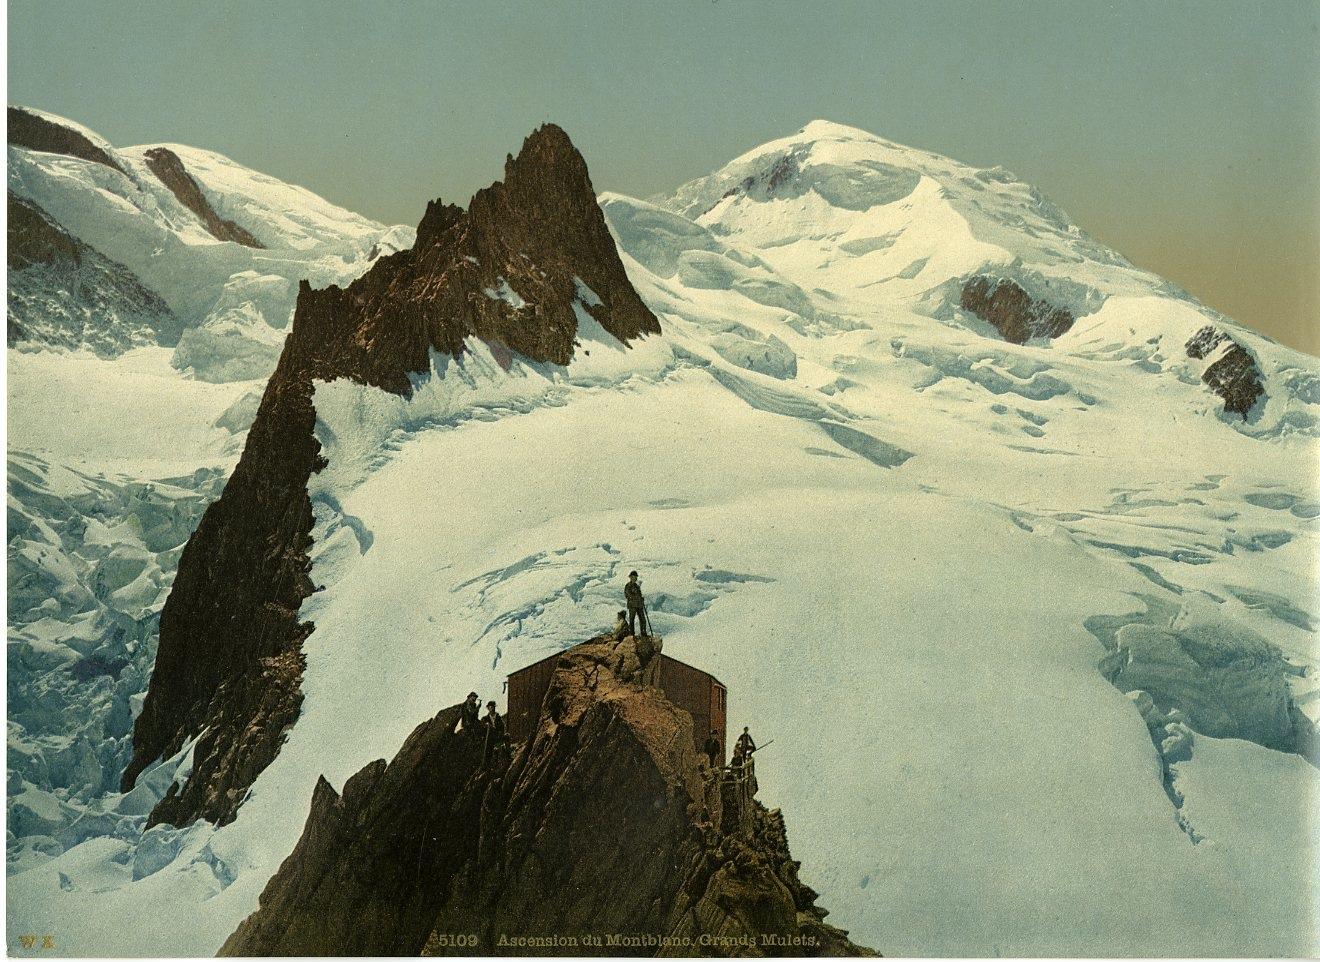 Vallee De Chamonix Cabane Des Grands Mulets Et Le Montblanc Wk Vintage Photoch Chamonix Chamonix Mont Blanc Vallee